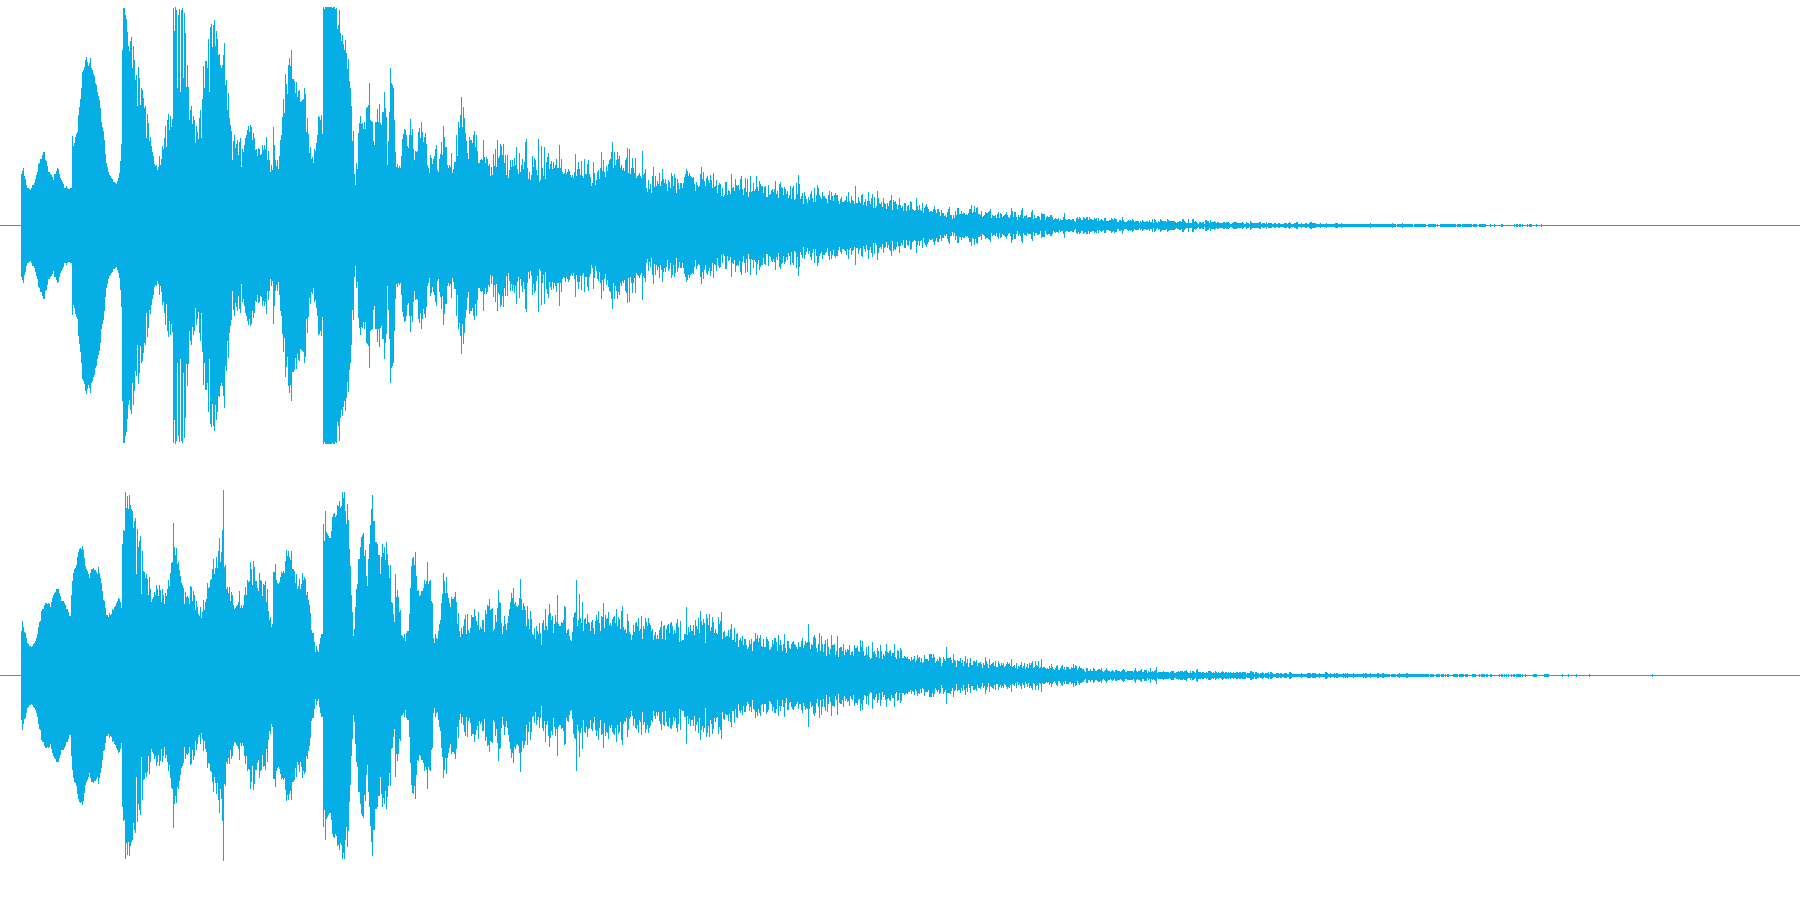 起動音 シンプル クール システムオン4の再生済みの波形